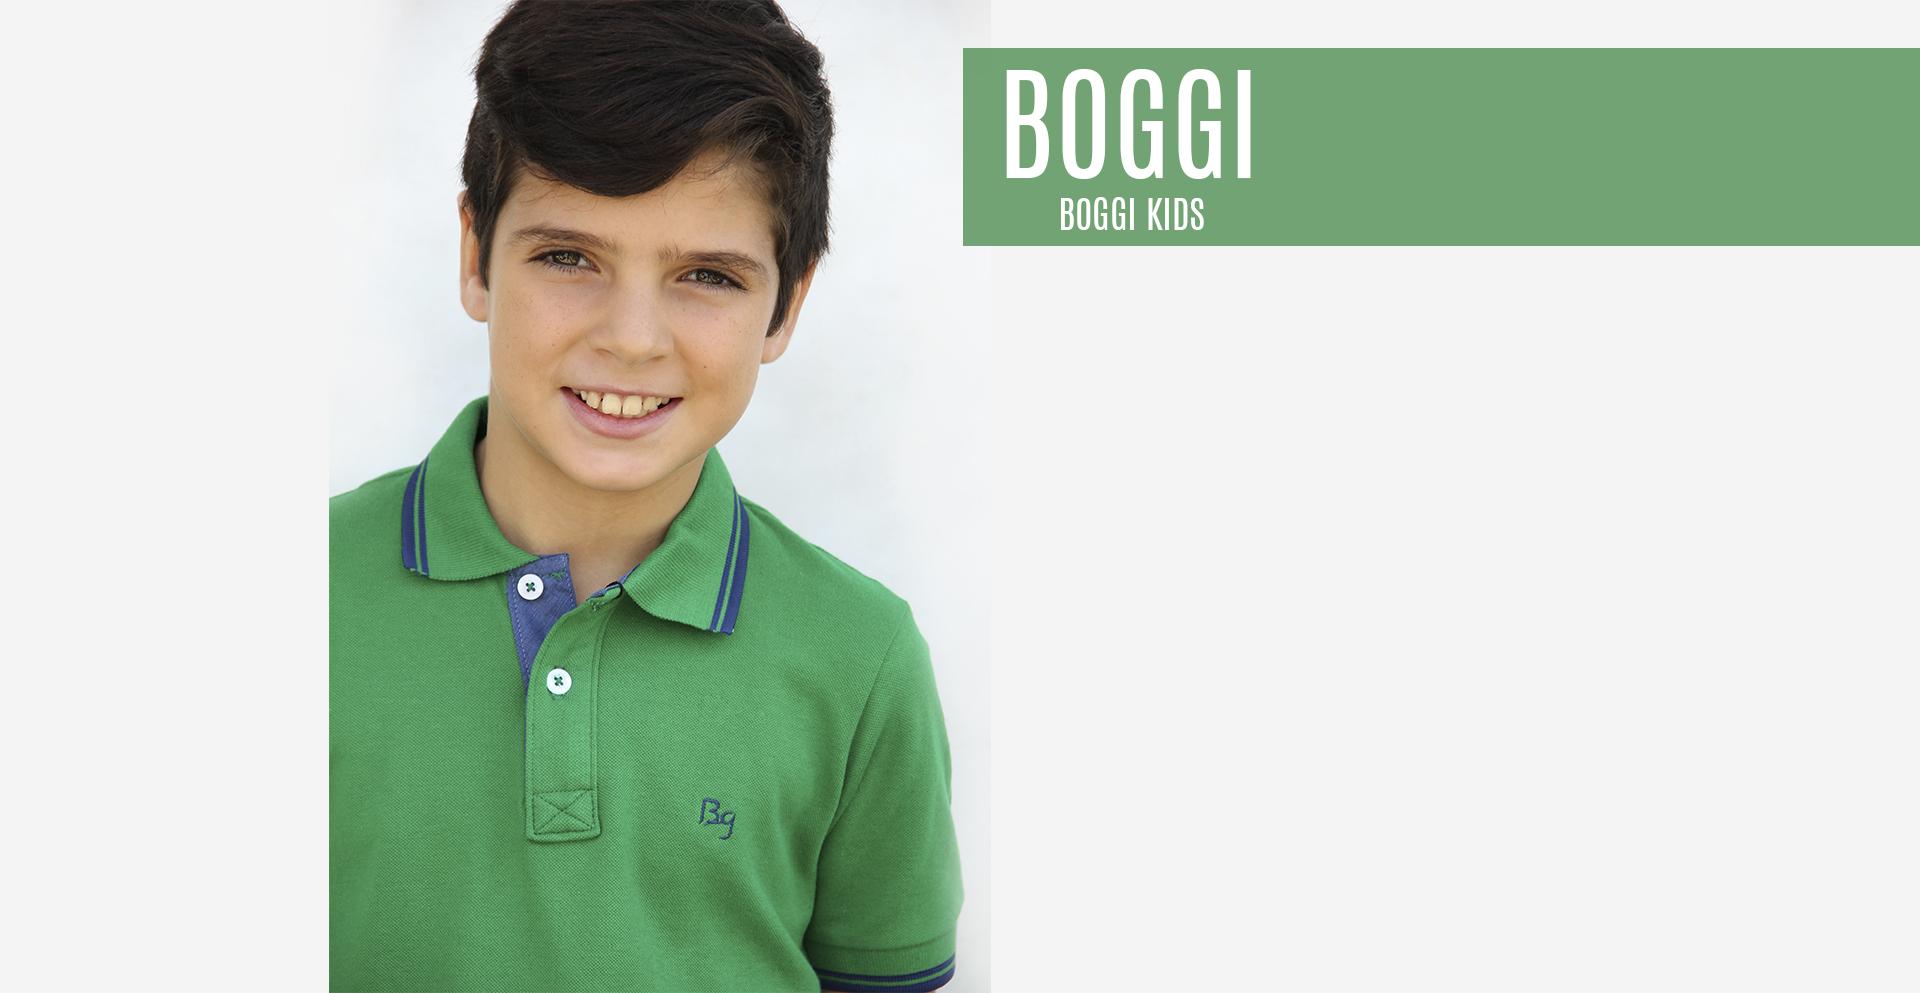 ESPECIAL BOGGI 2019